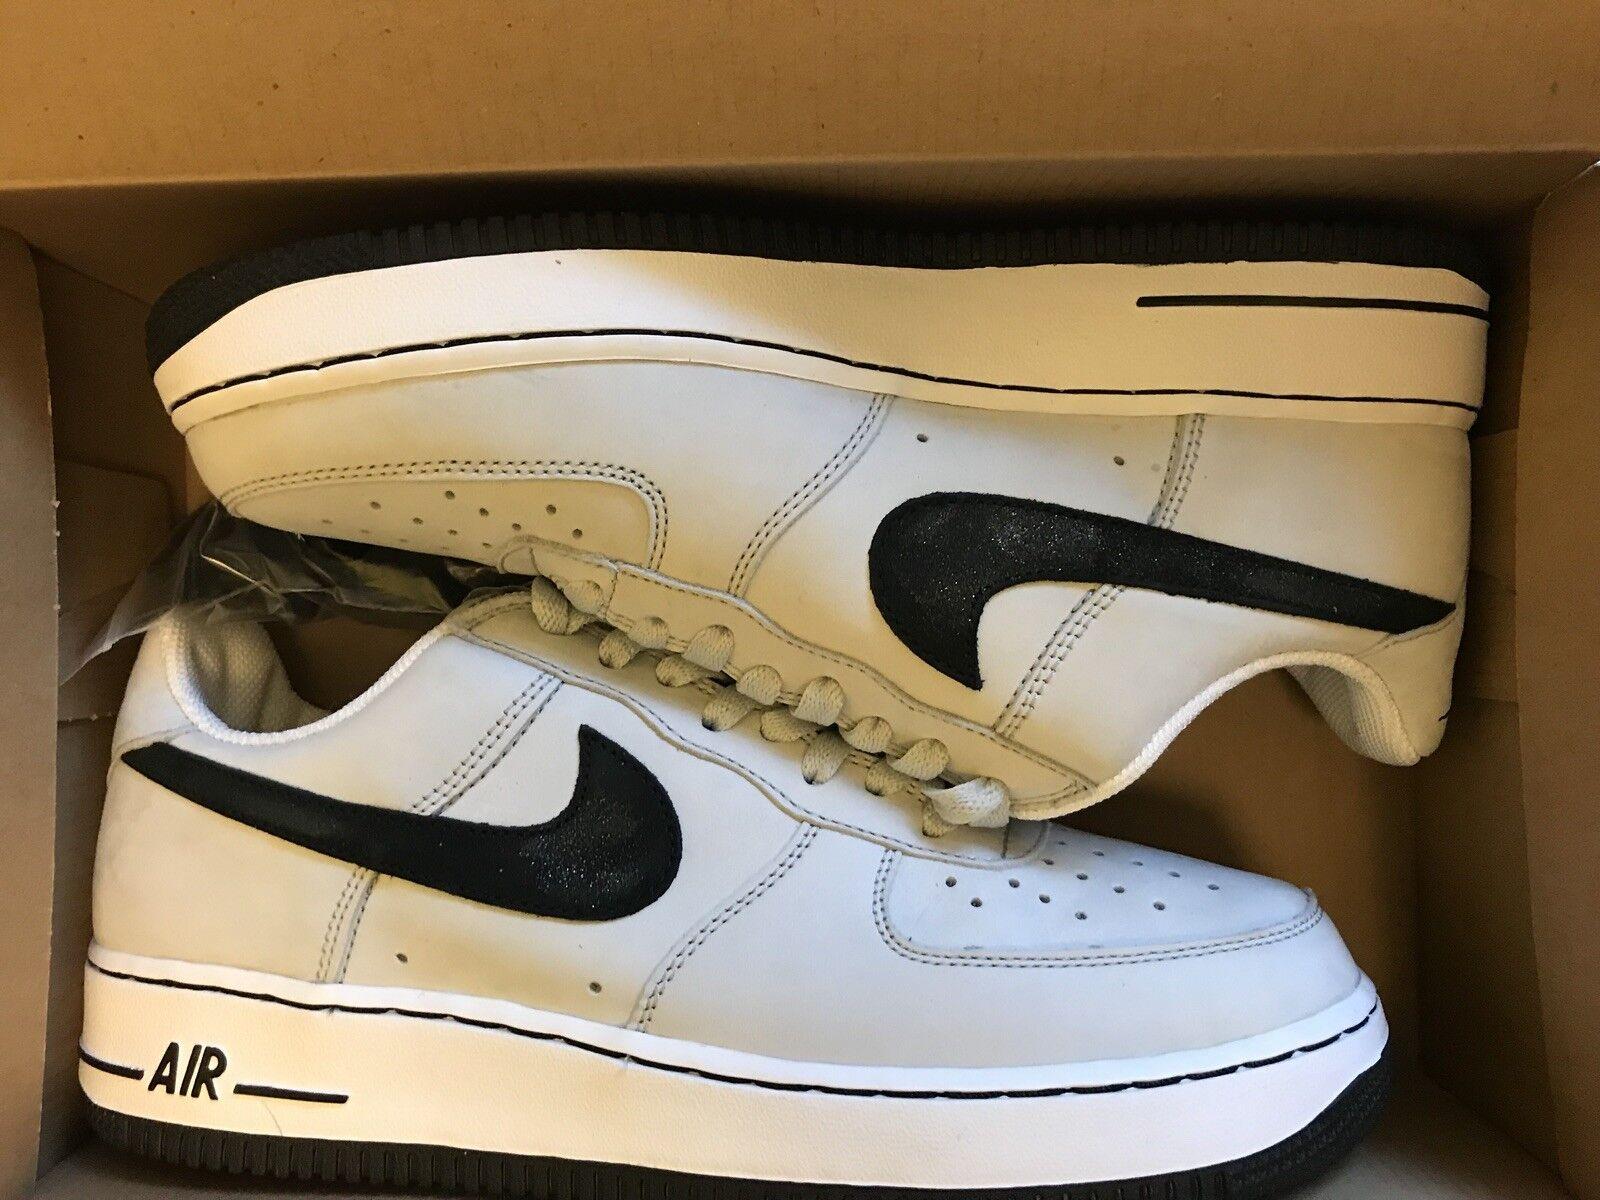 2005 Nike Air Force 1 306353 007 Glitter Swoosh